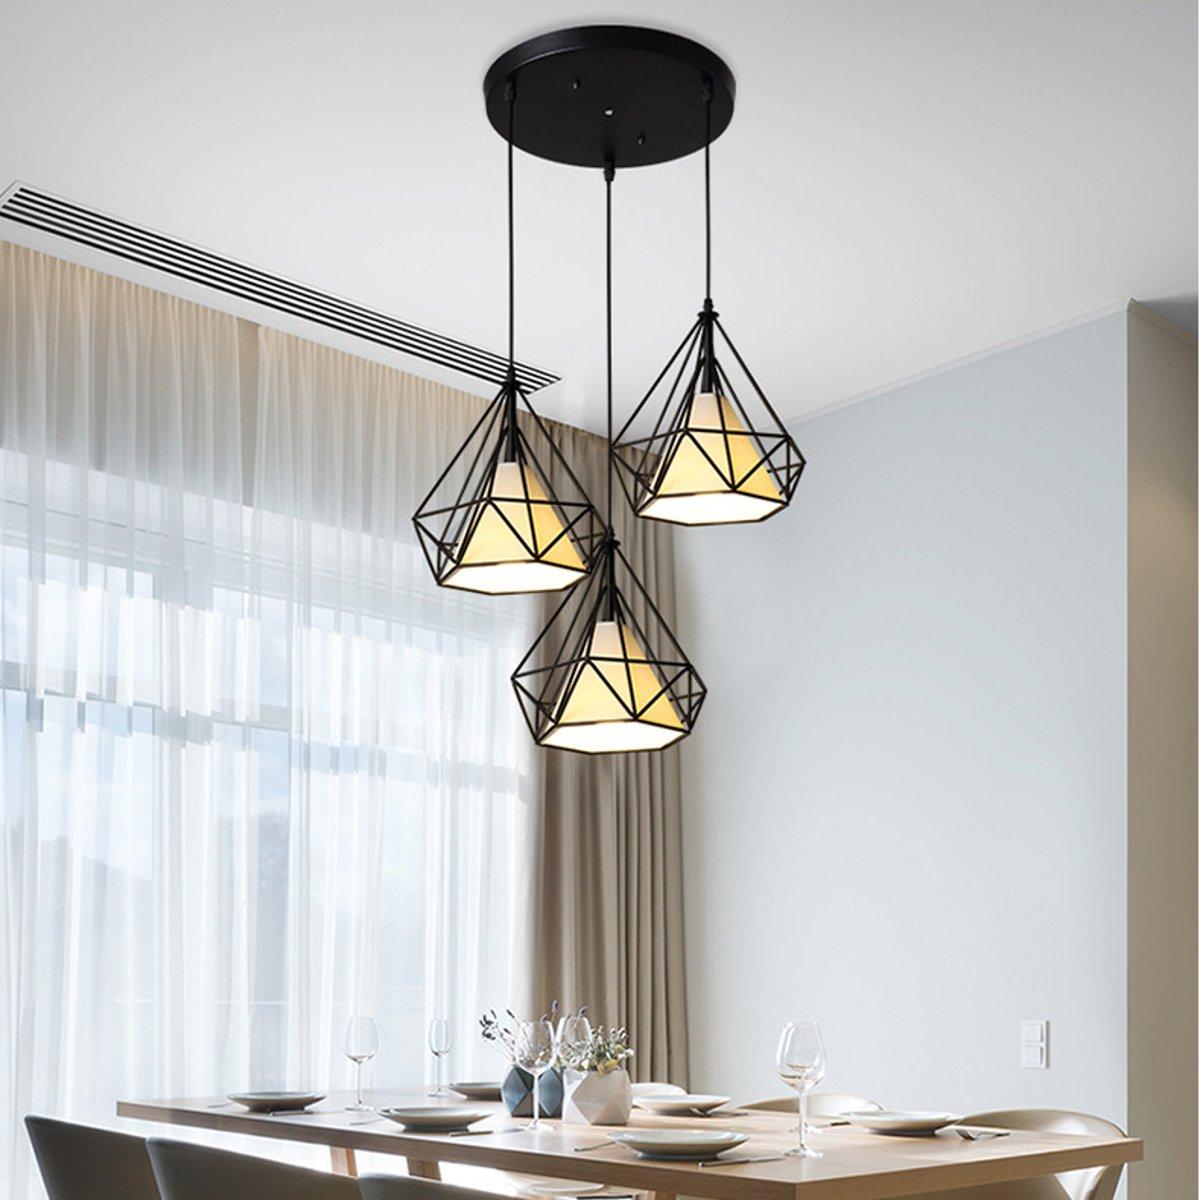 3 cabeças e27 moderna barra de luz pingente restaurante pendurado luminária decoração para casa chá padaria iluminação interior quadrado redondo - 2